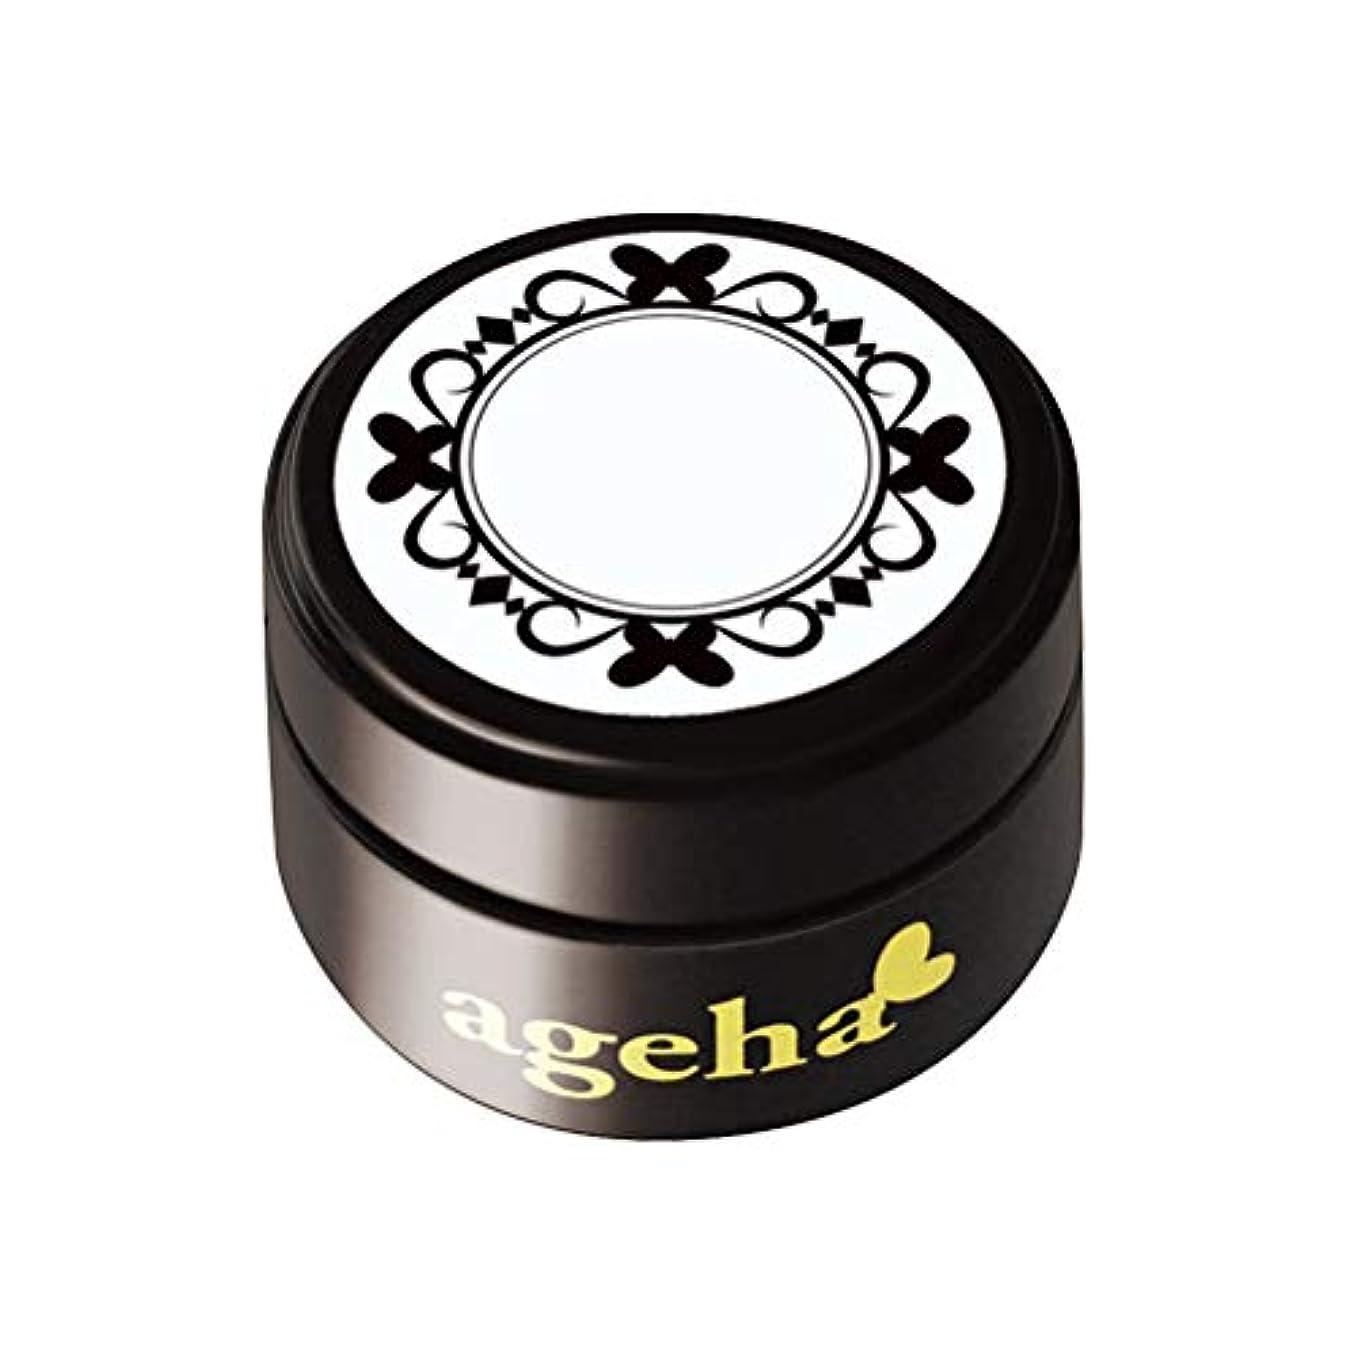 前書きデザート入浴ageha カラージェル コスメカラー 130 モーベット G?MIX シアー?グリッター 2.7g UV/LED対応 ピンク